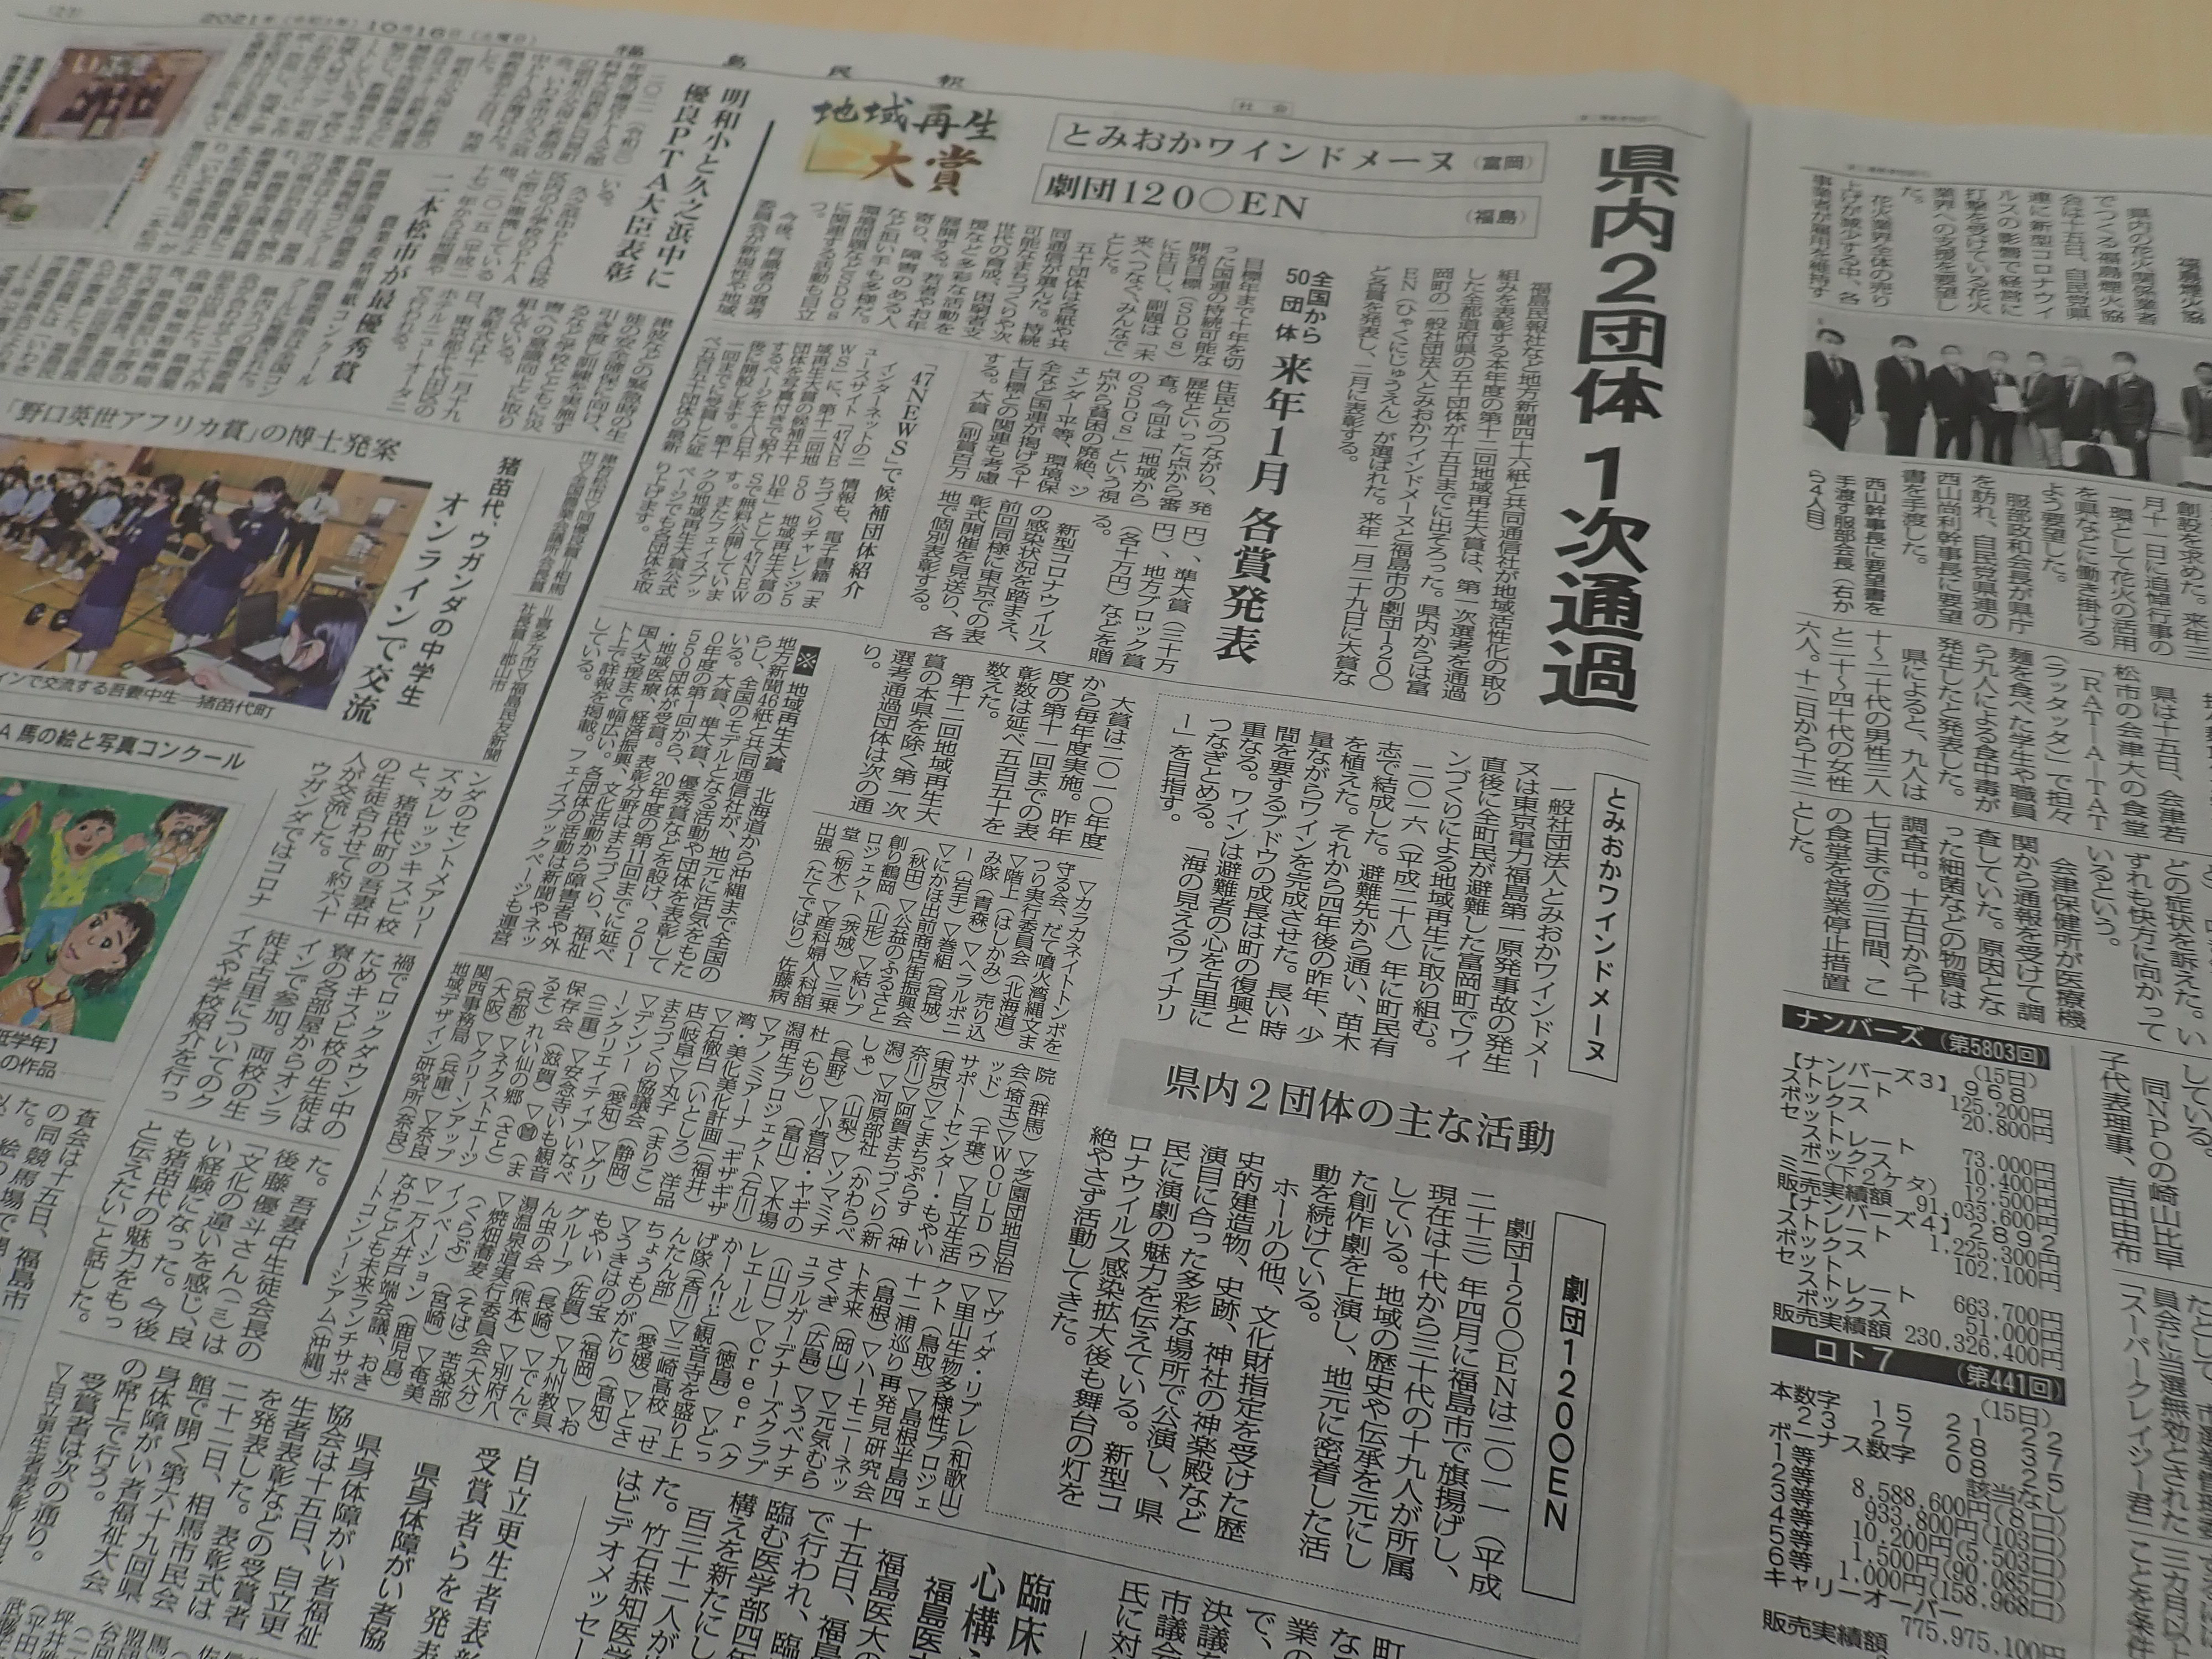 【メディア掲載】地域再生大賞の県代表に選定されましたの画像